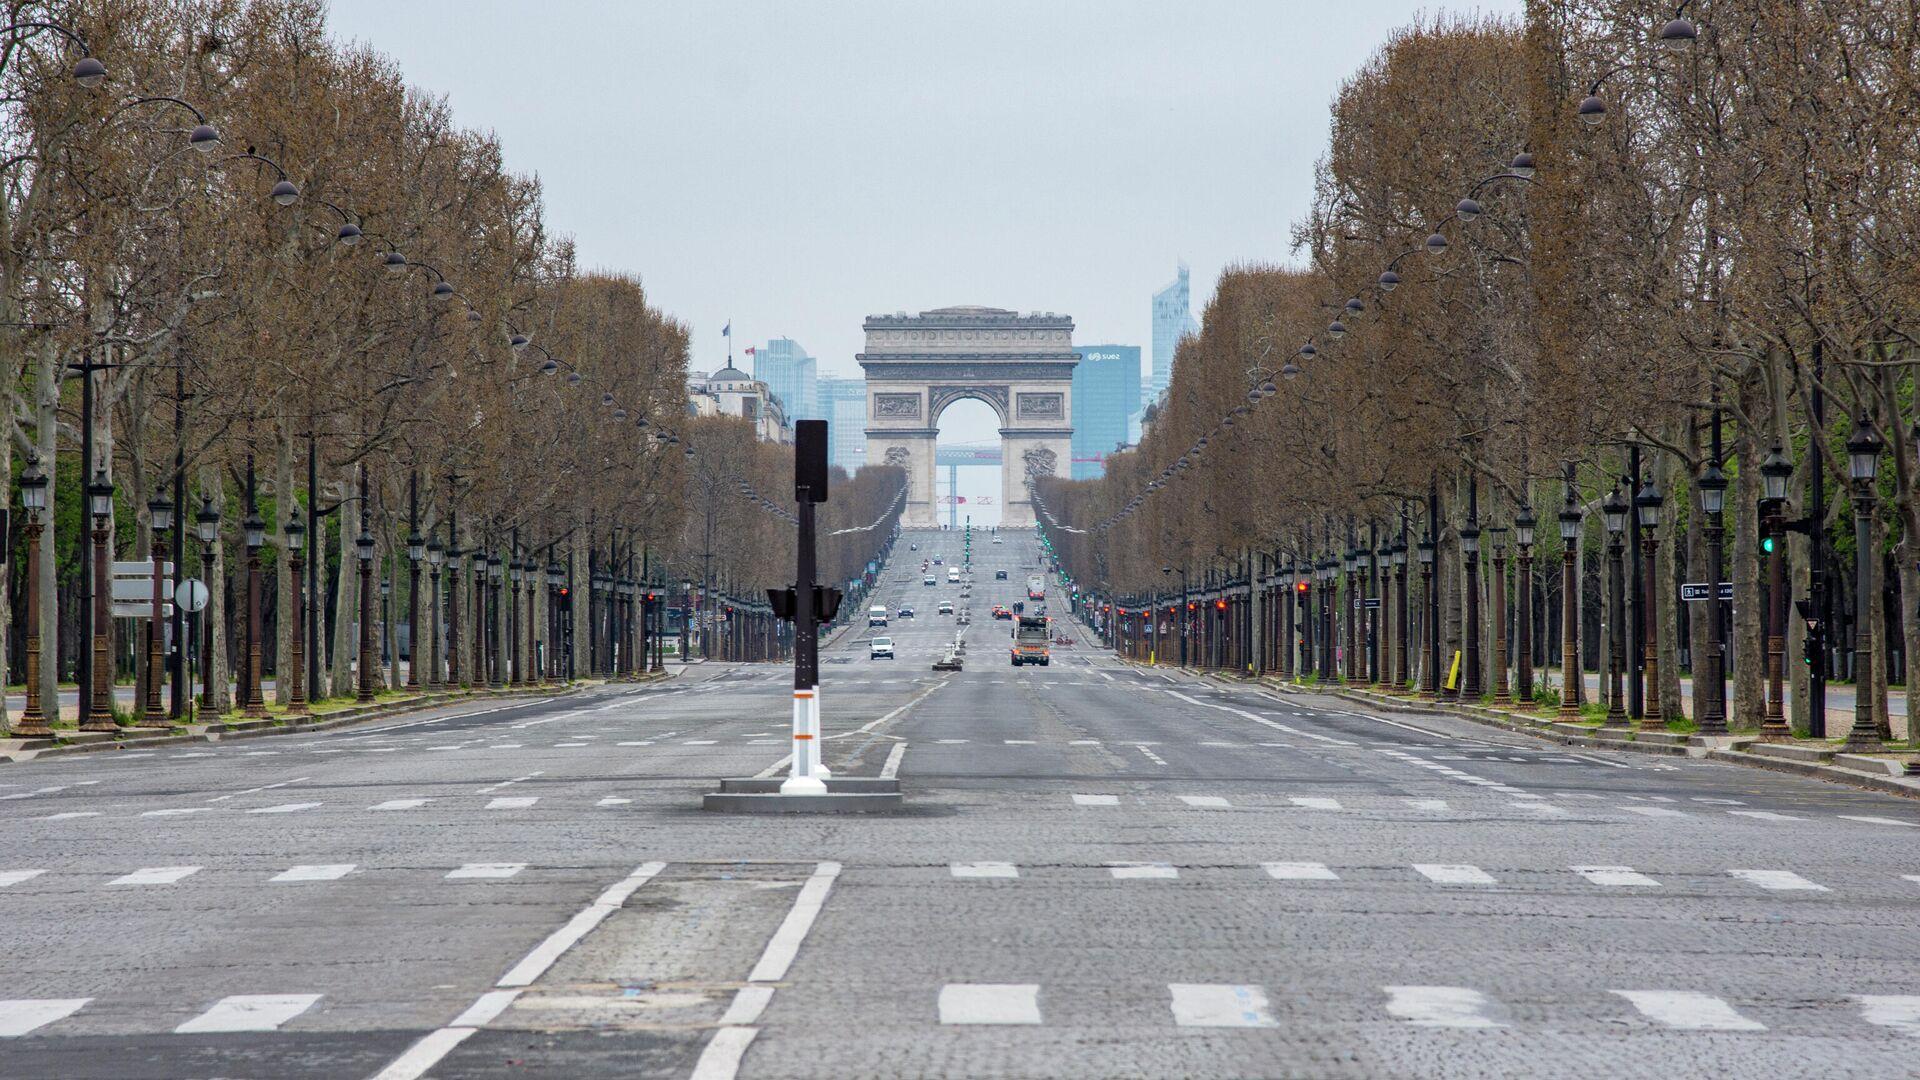 Вид на безлюдные Елисейские поля с площади Согласия в Париже - РИА Новости, 1920, 26.04.2021